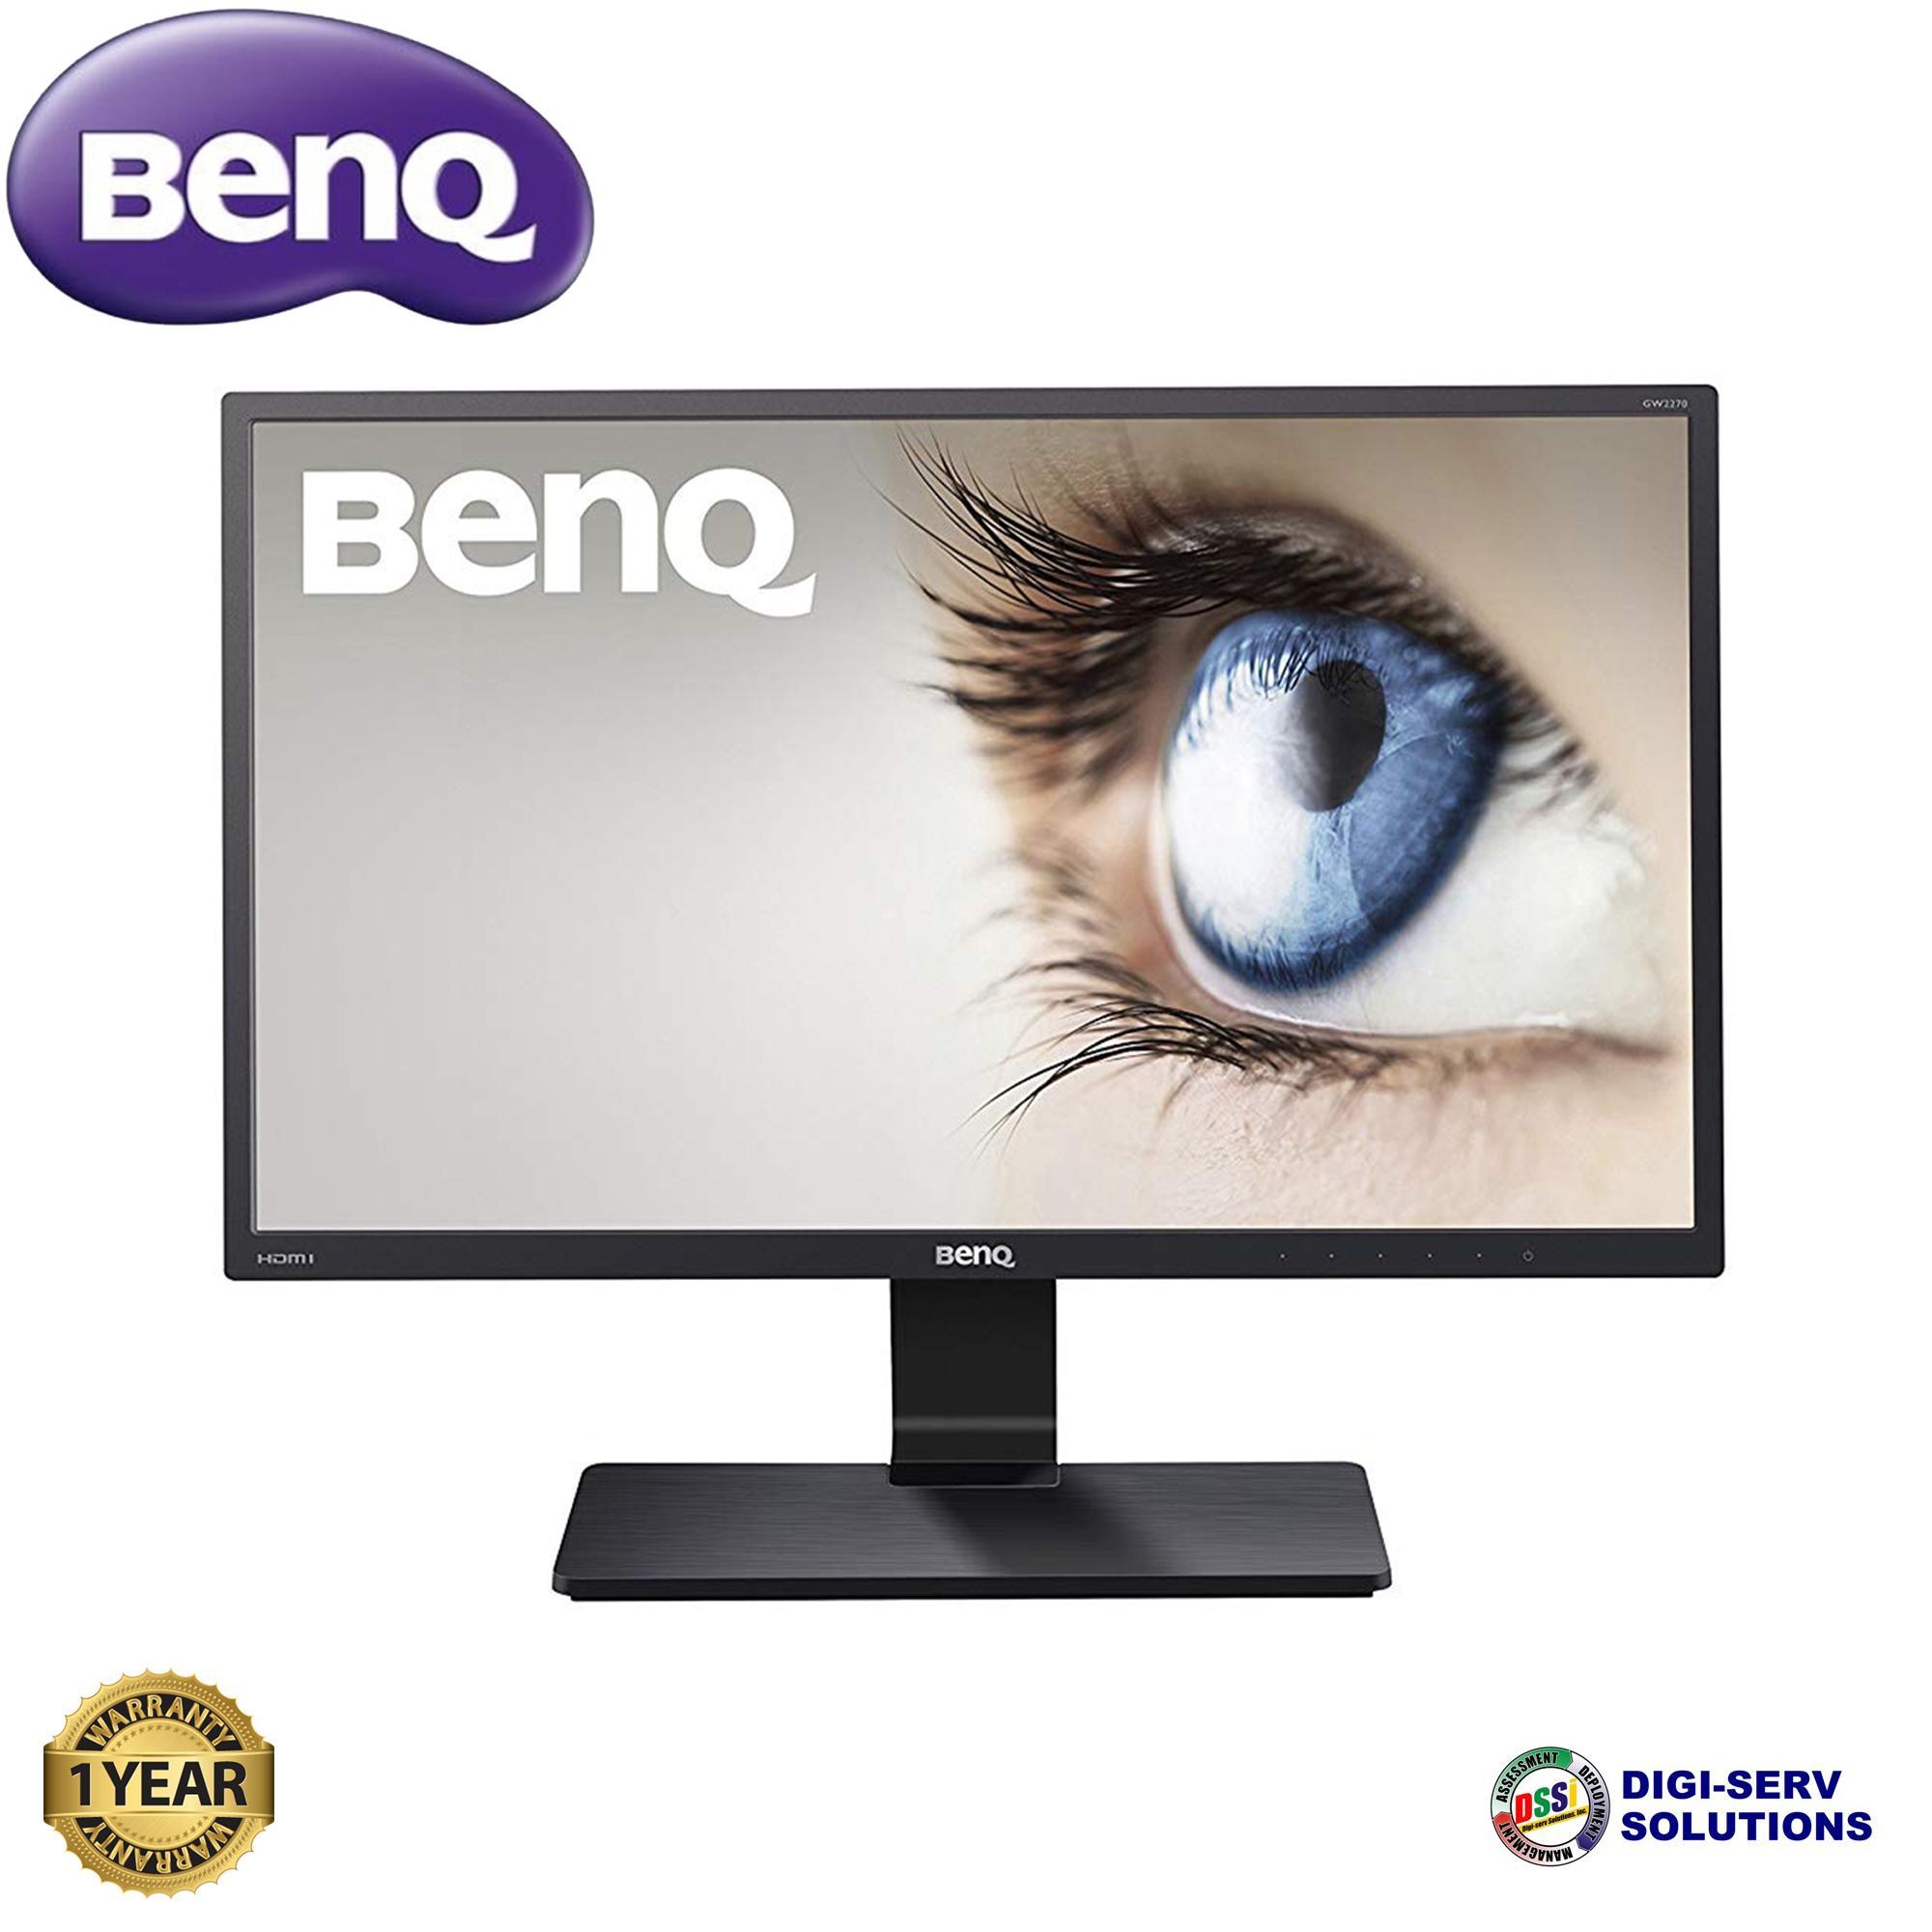 BenQ GW2270H 21 5